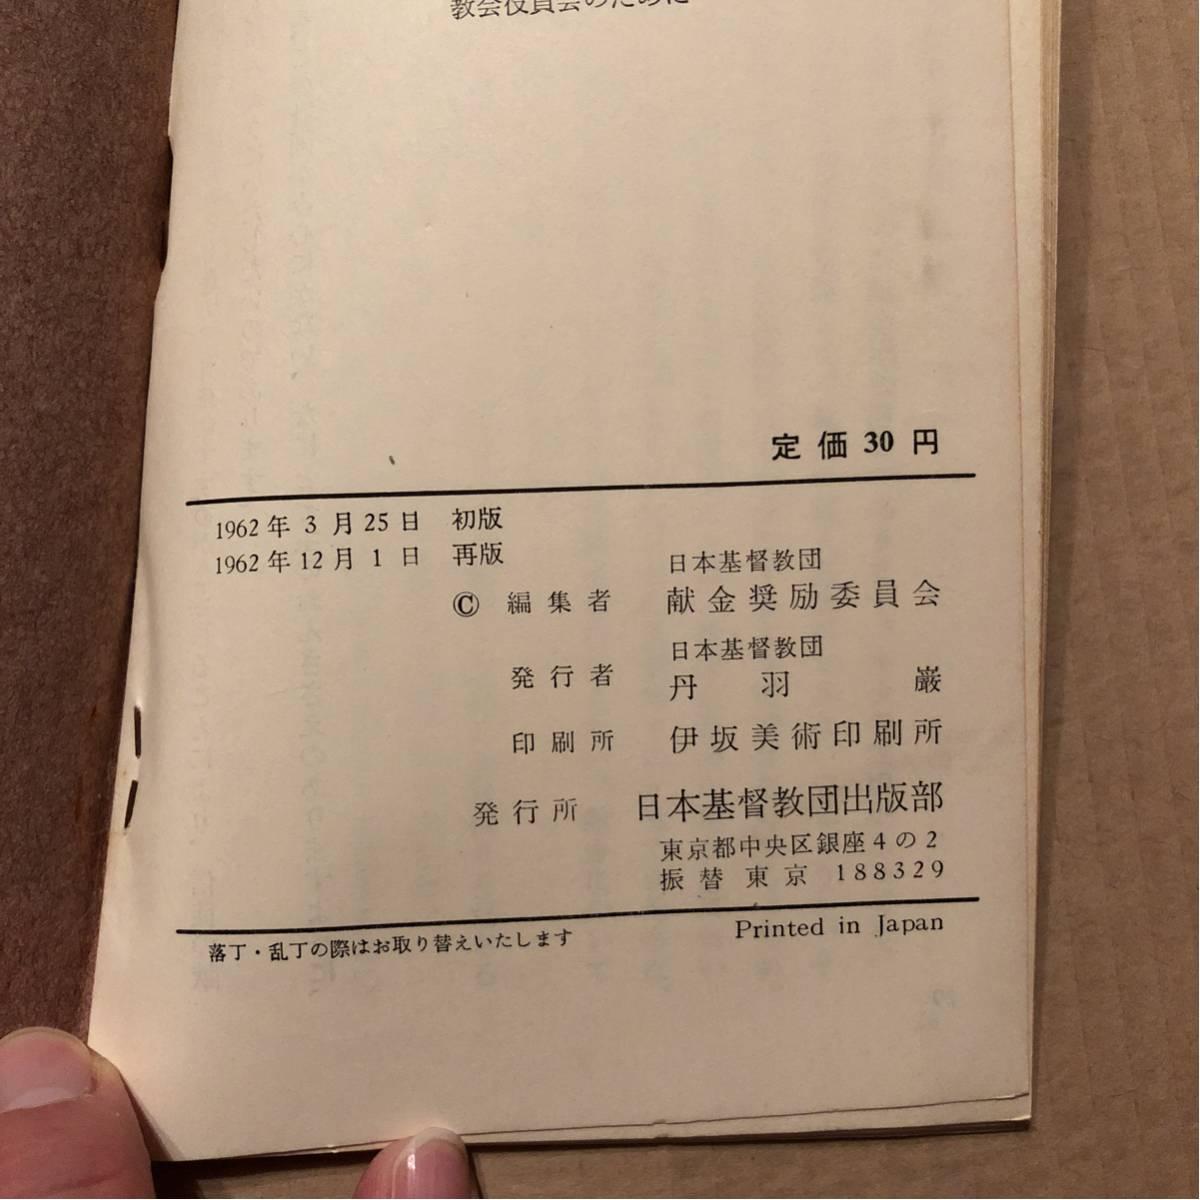 【キリスト教】『教会経済の改善 教会役員会のために』日本基督教団献金奨励委員会★1962年発行再版★小冊子★29頁★状態良好_画像2